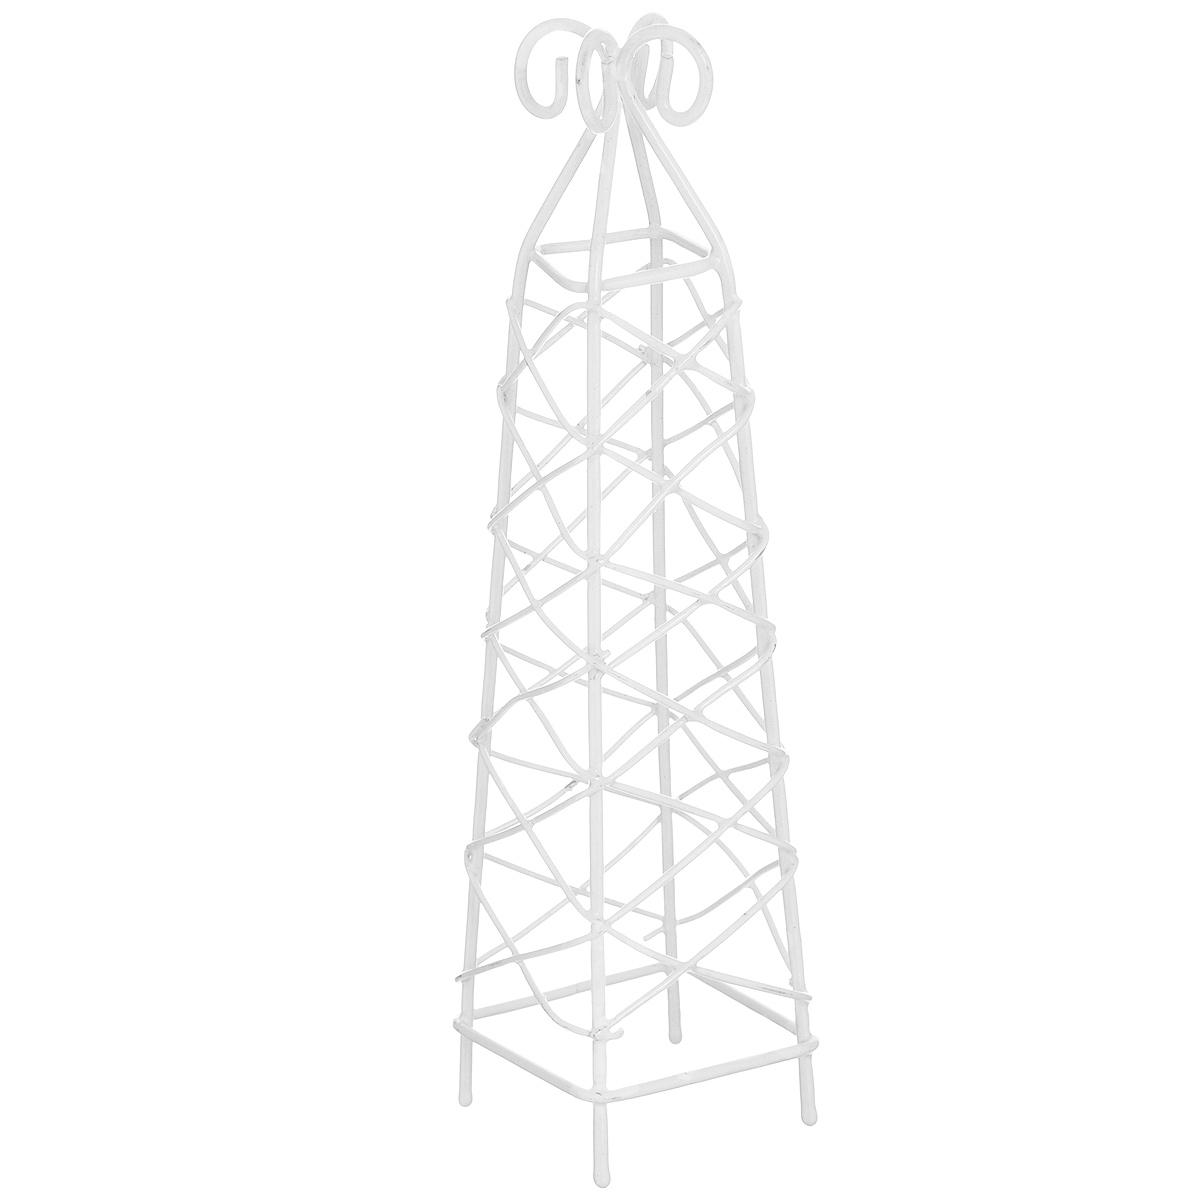 Миниатюра кукольная ScrapBerrys БашенкаSCB271021Миниатюра кукольная ScrapBerrys Башенка изготовлена из металла в виде башни. Такая миниатюра прекрасно подойдет для декорирования кукольных домиков, а также для оформления работ в самых различных техниках. С ее помощью можно обставлять румбокс. Можно использовать в шэдоубоксах или просто как изысканные украшения для скрап-работ.